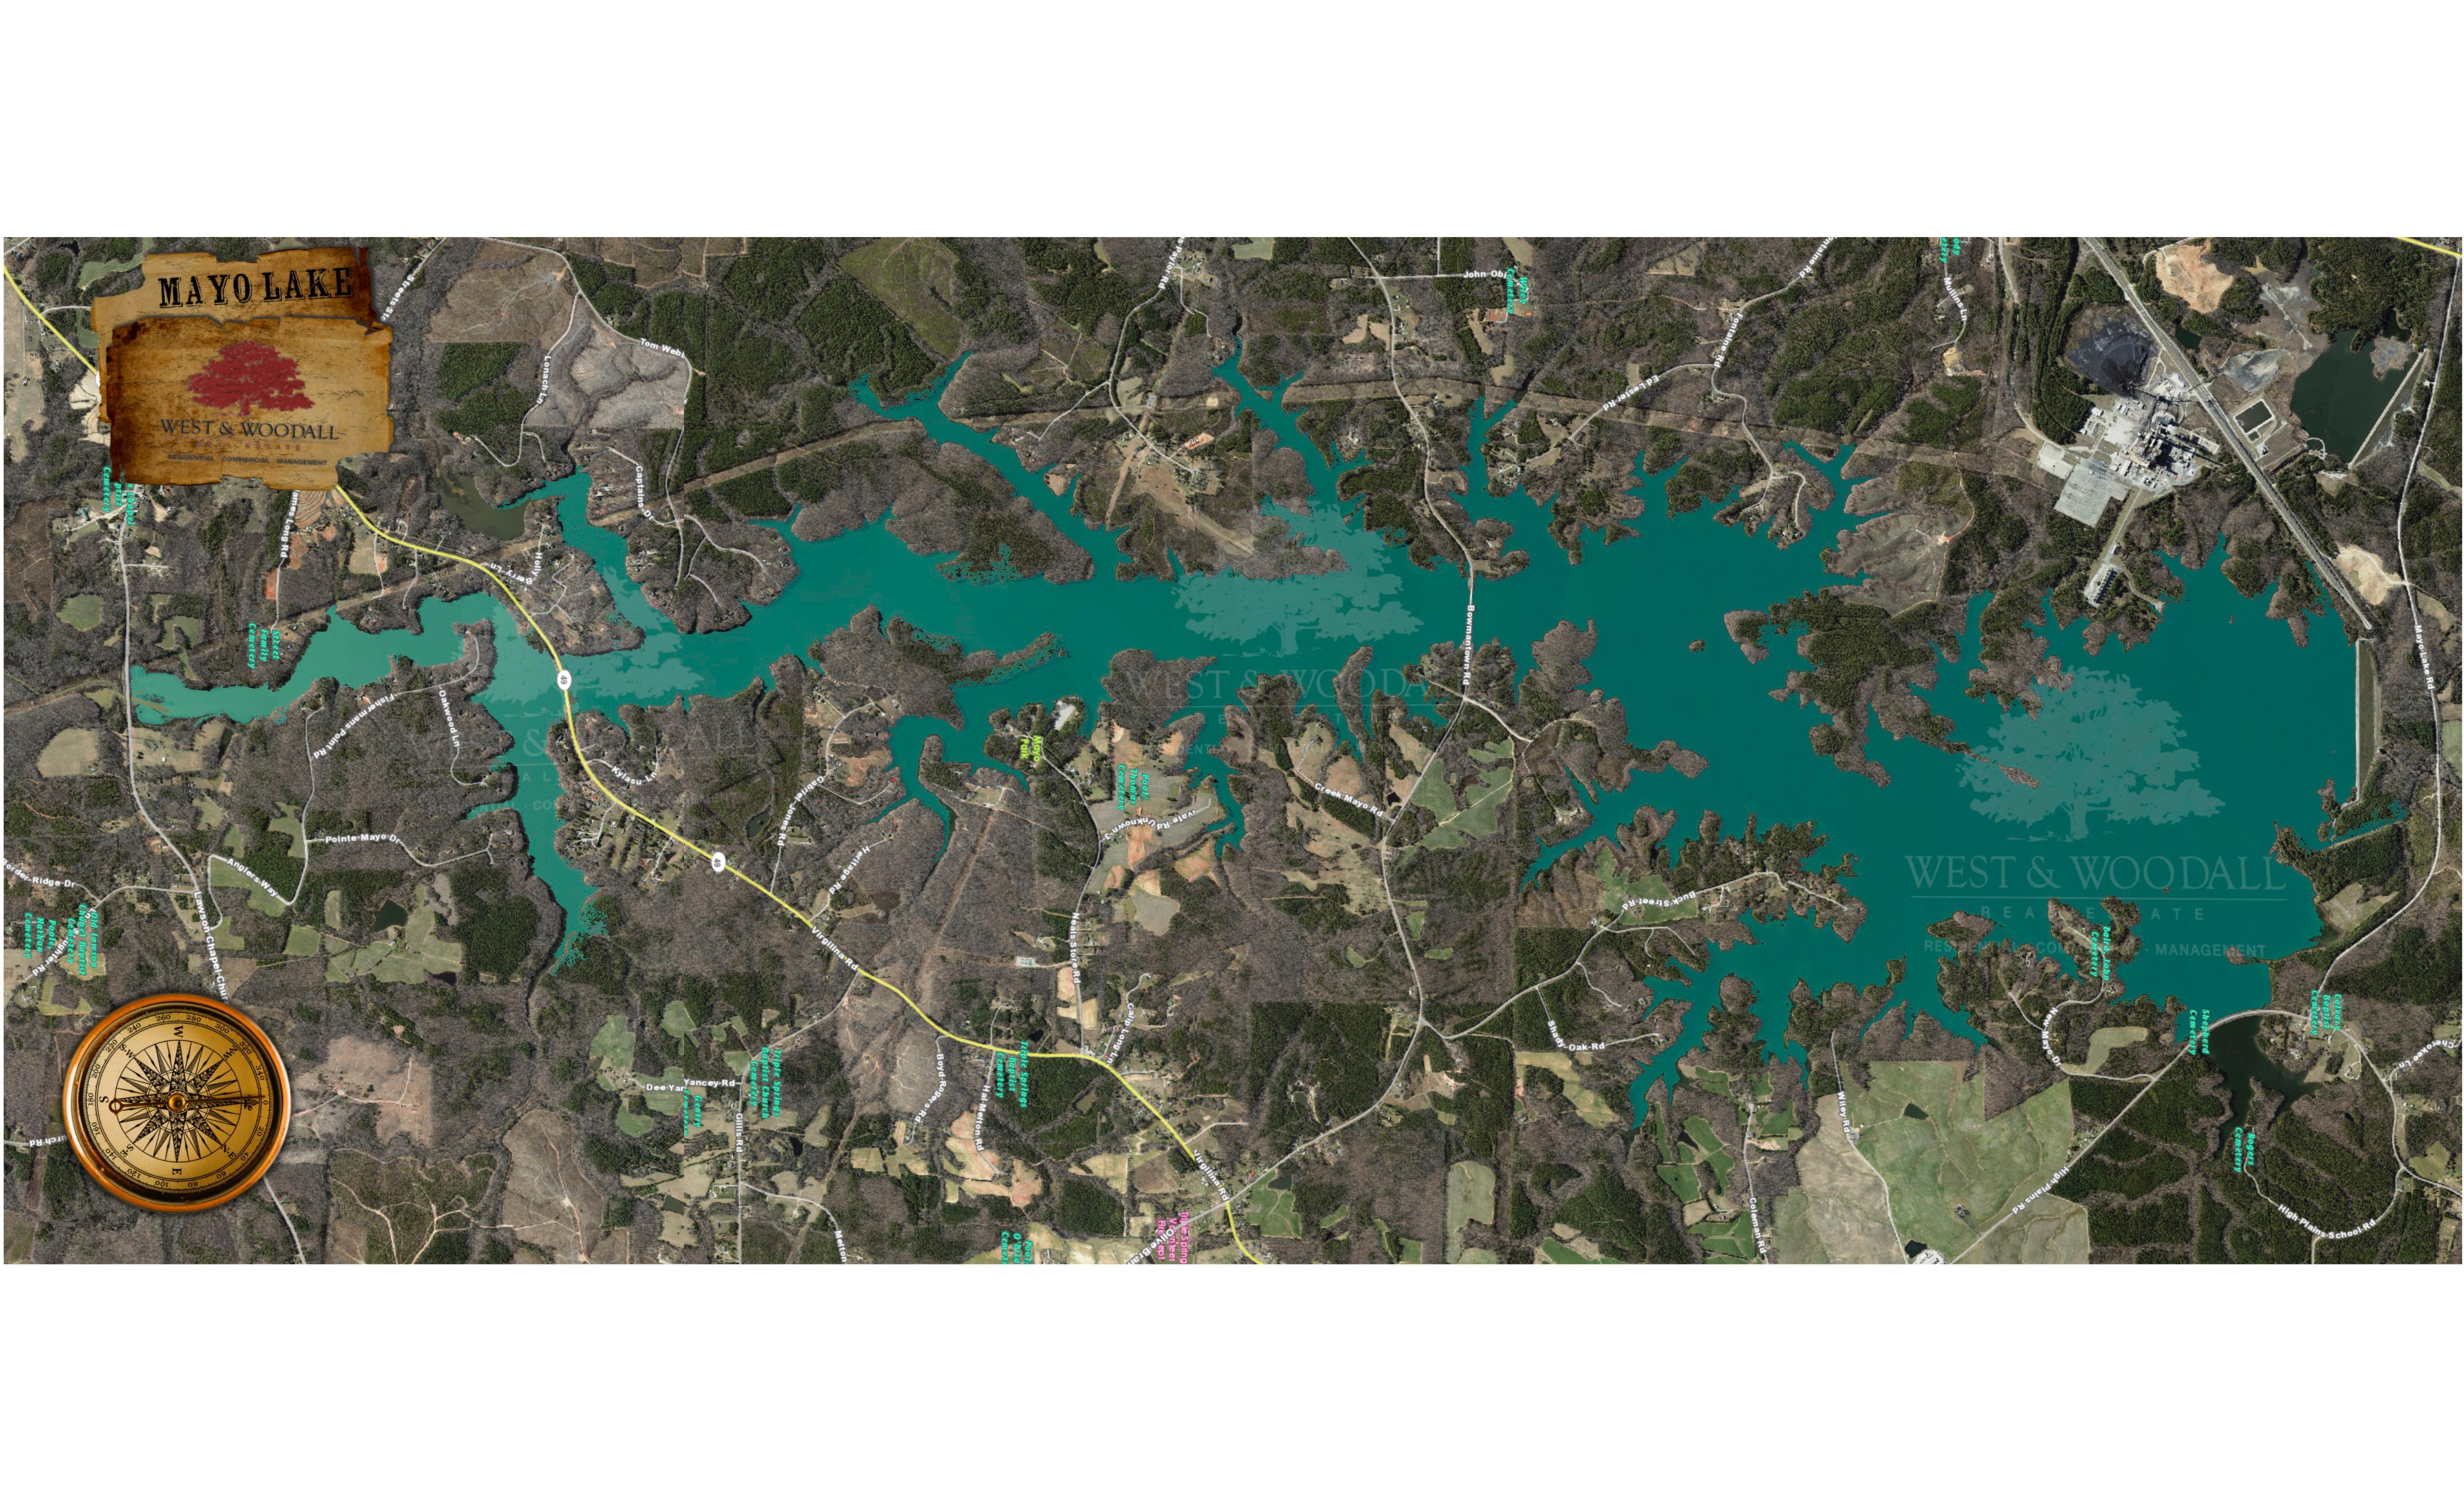 Mayo Lake (Courtesy of West and Woodall)